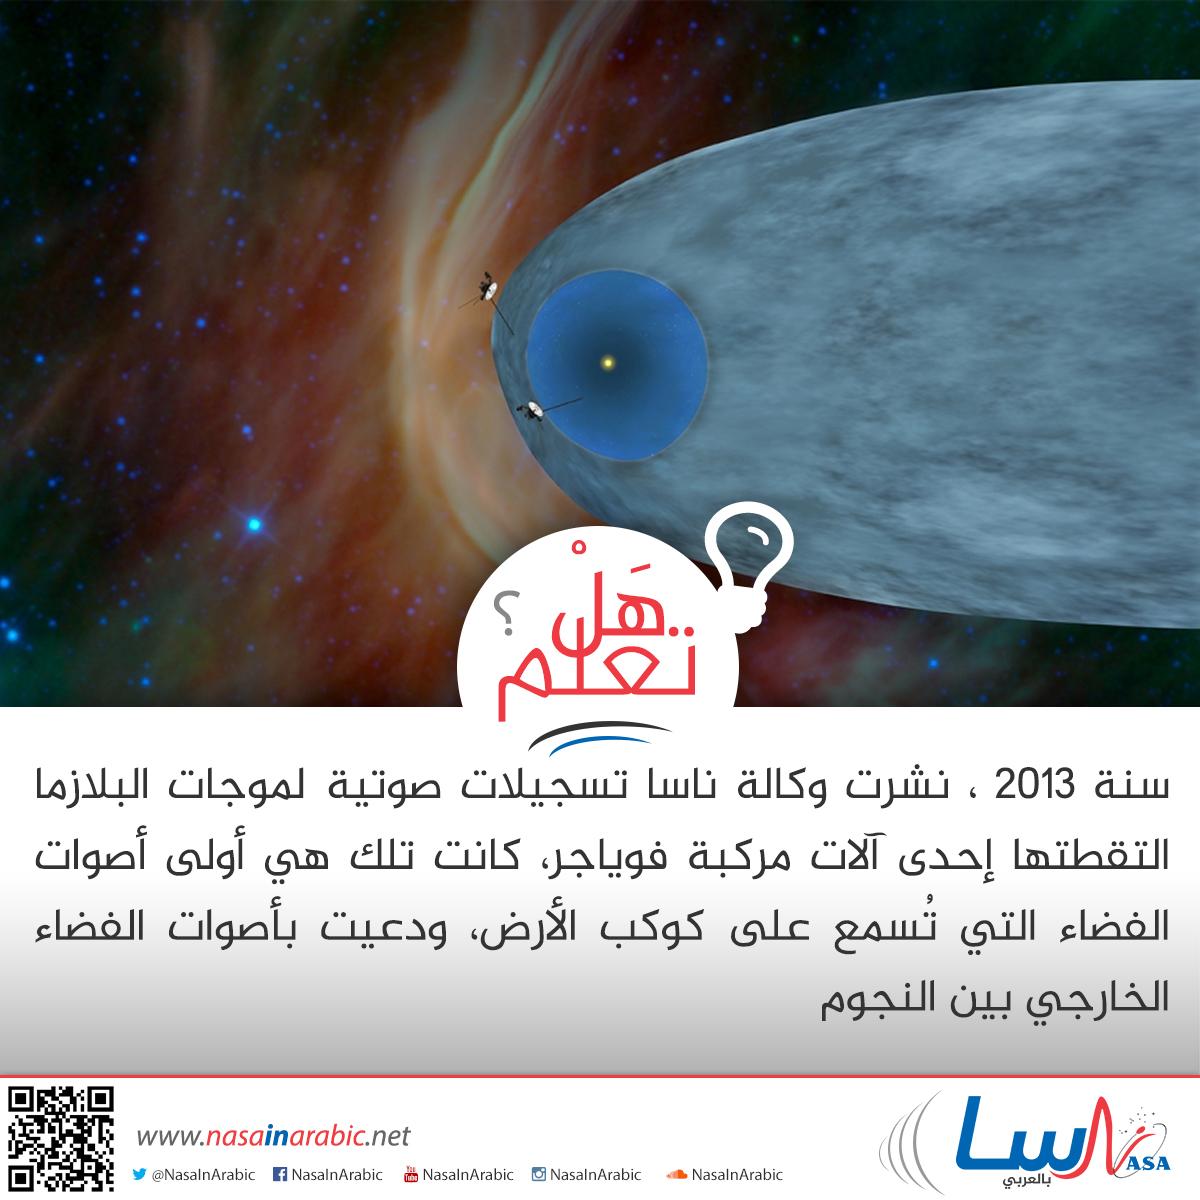 أصوات الفضاء الخارجي بين النجوم